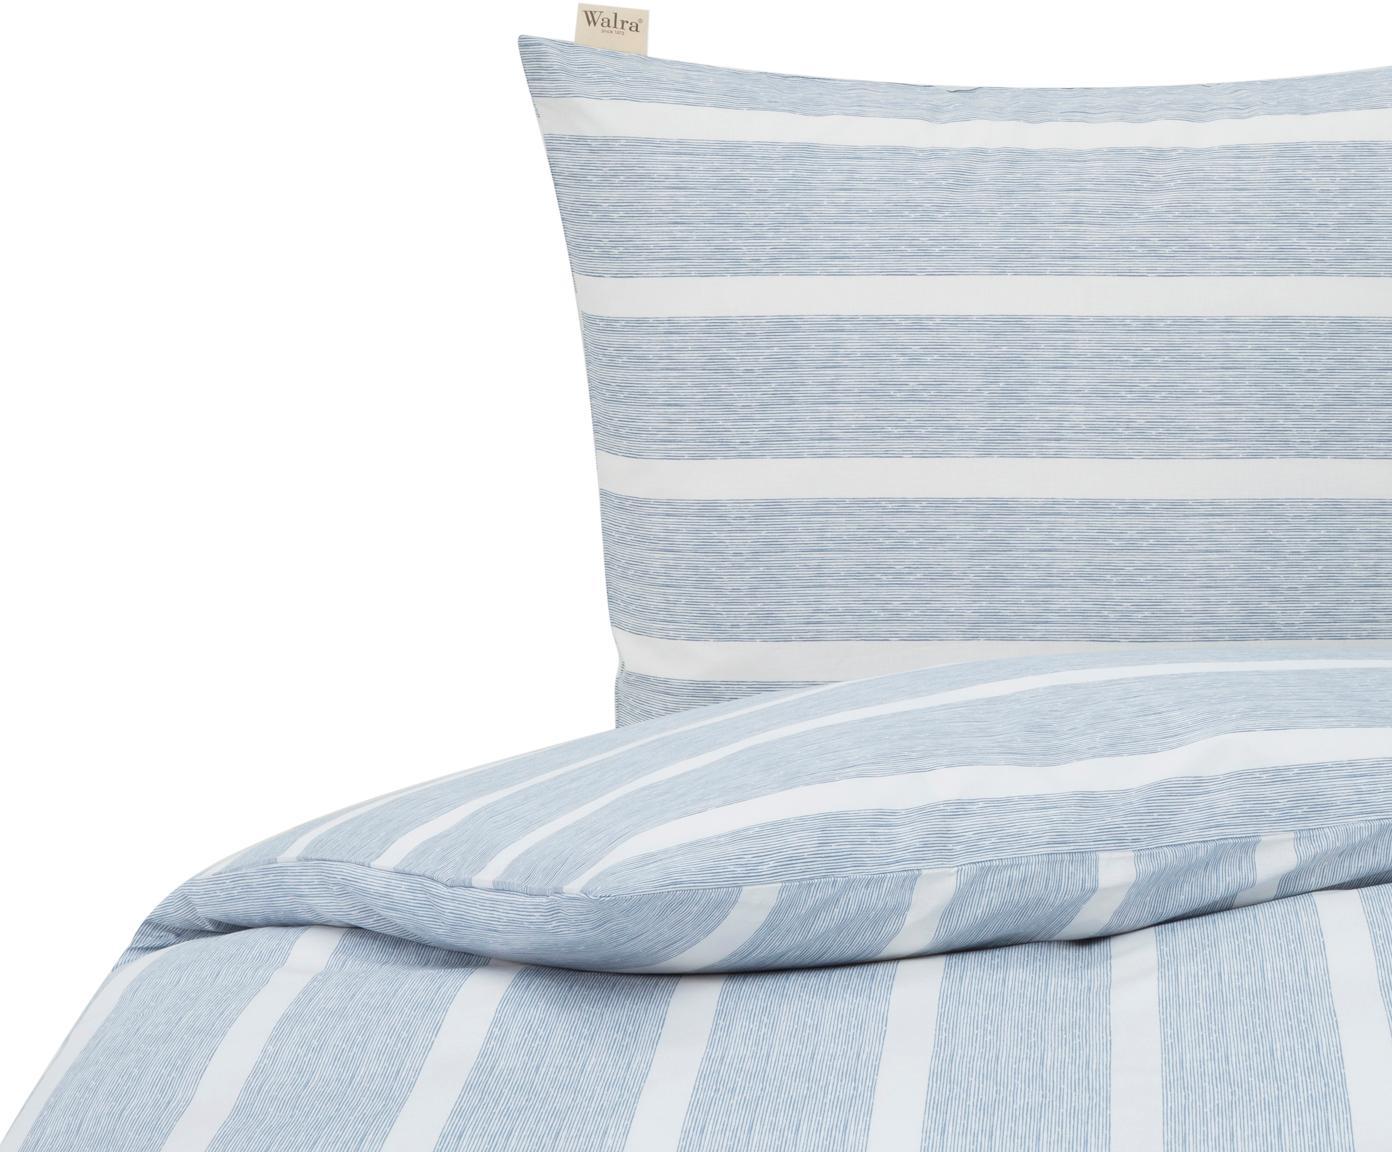 Pościel Stripe Along, Bawełna, Niebieski, biały, 135 x 200 cm